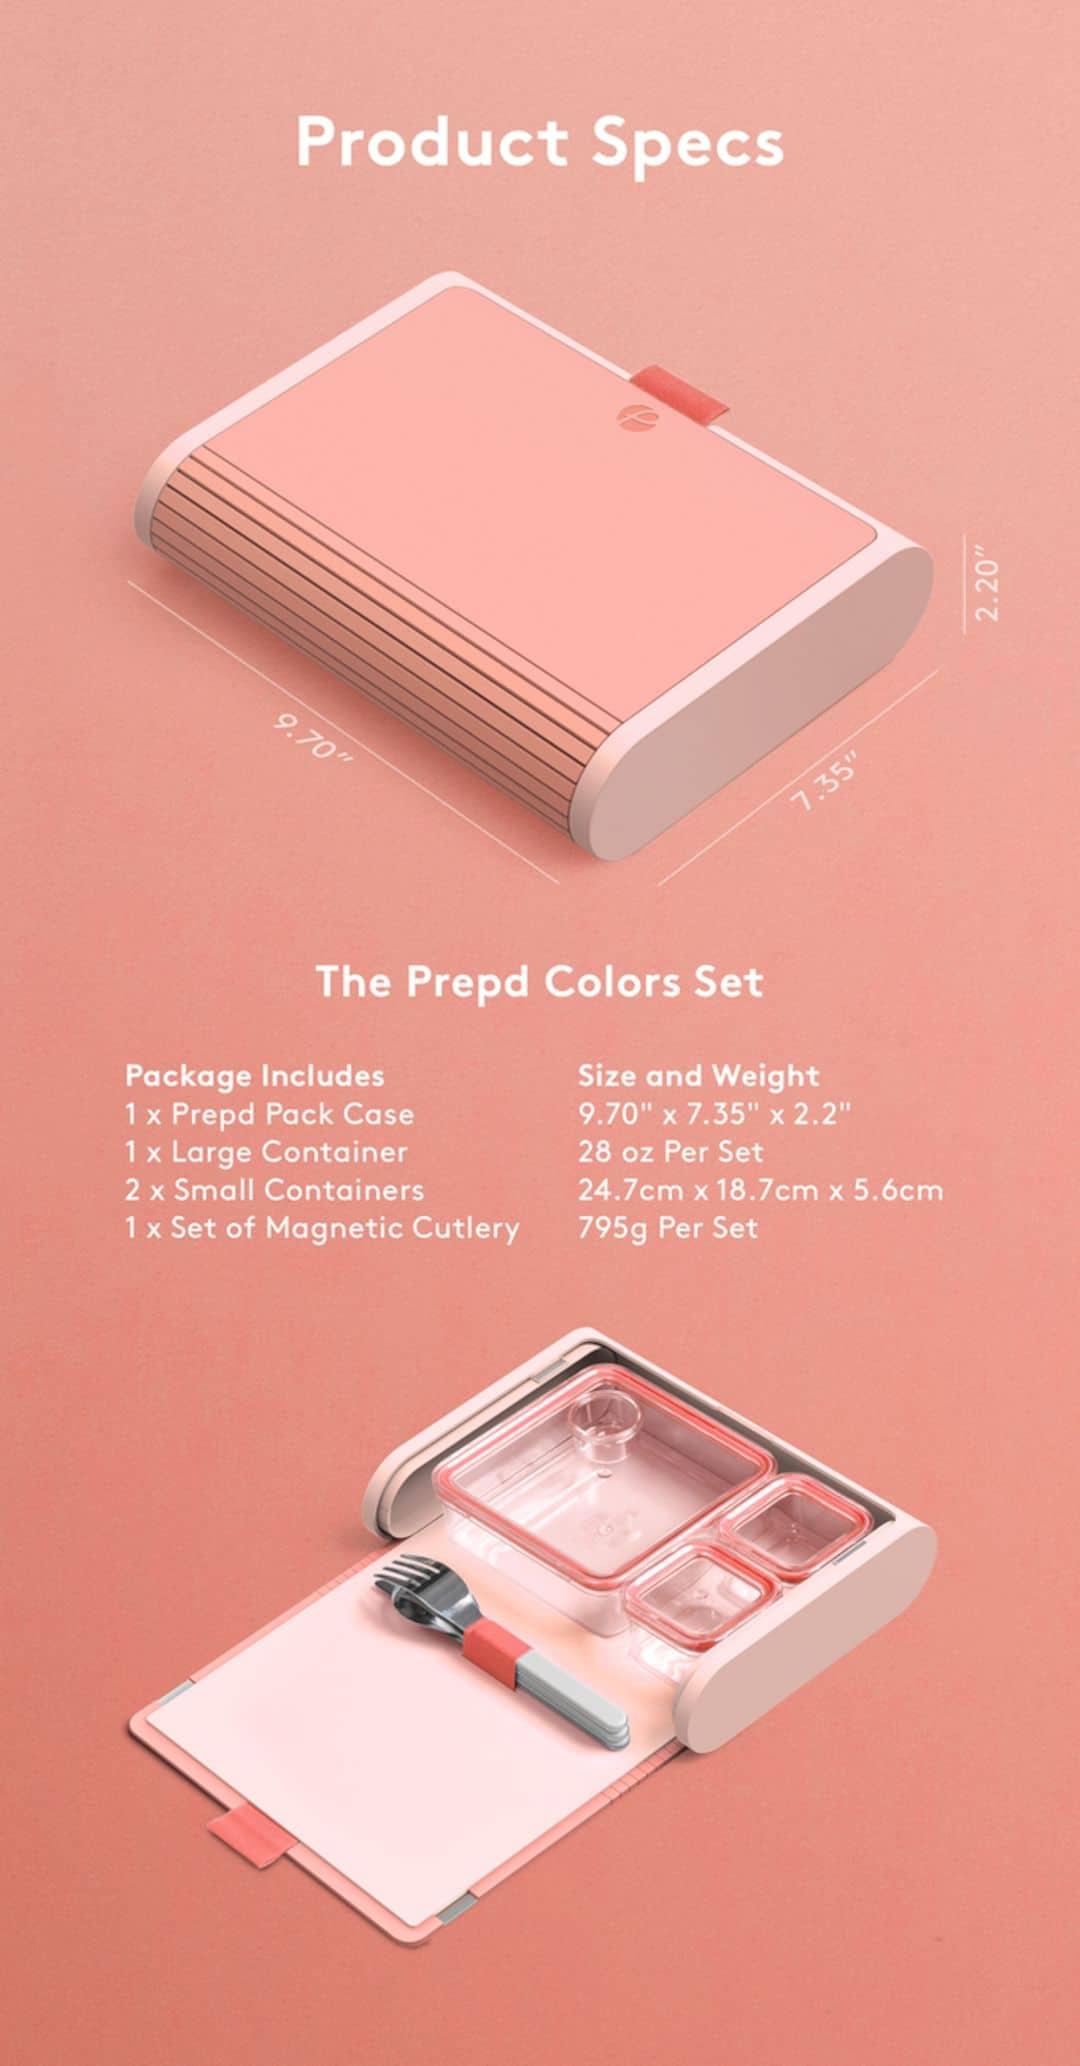 Prepd Colors 3